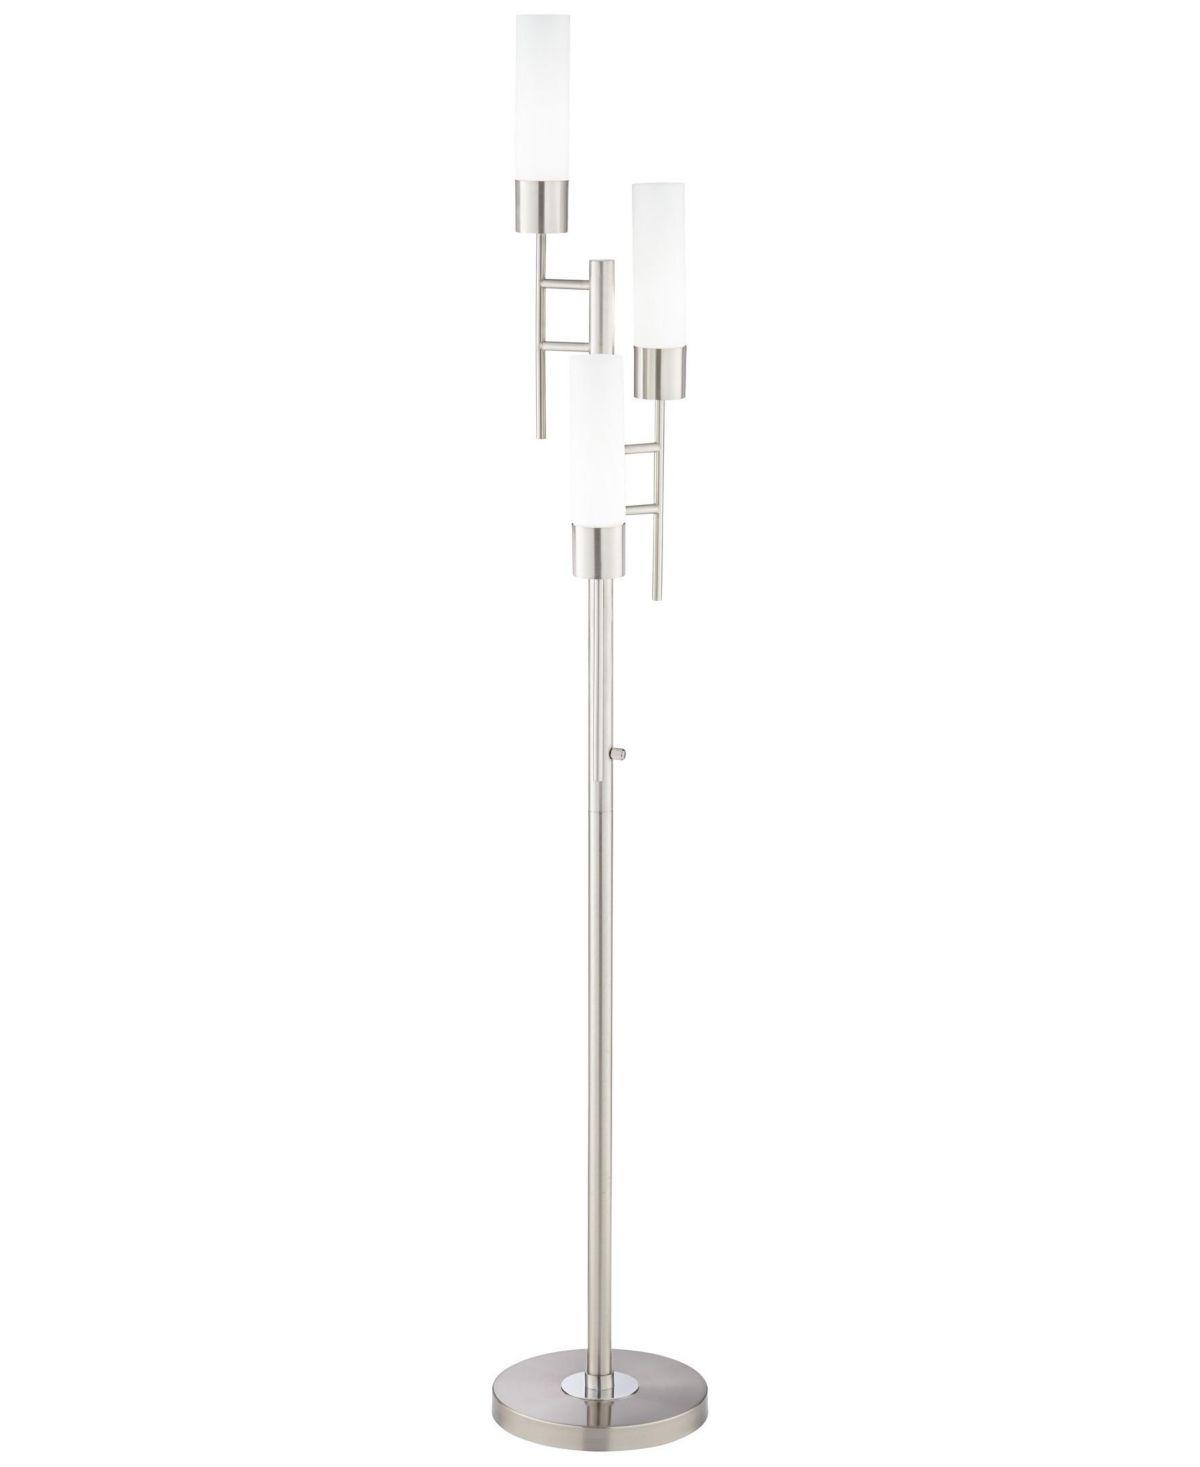 98da711a9347635143fd5f07d7e6e002 - Better Homes And Gardens Track Tree Floor Lamp